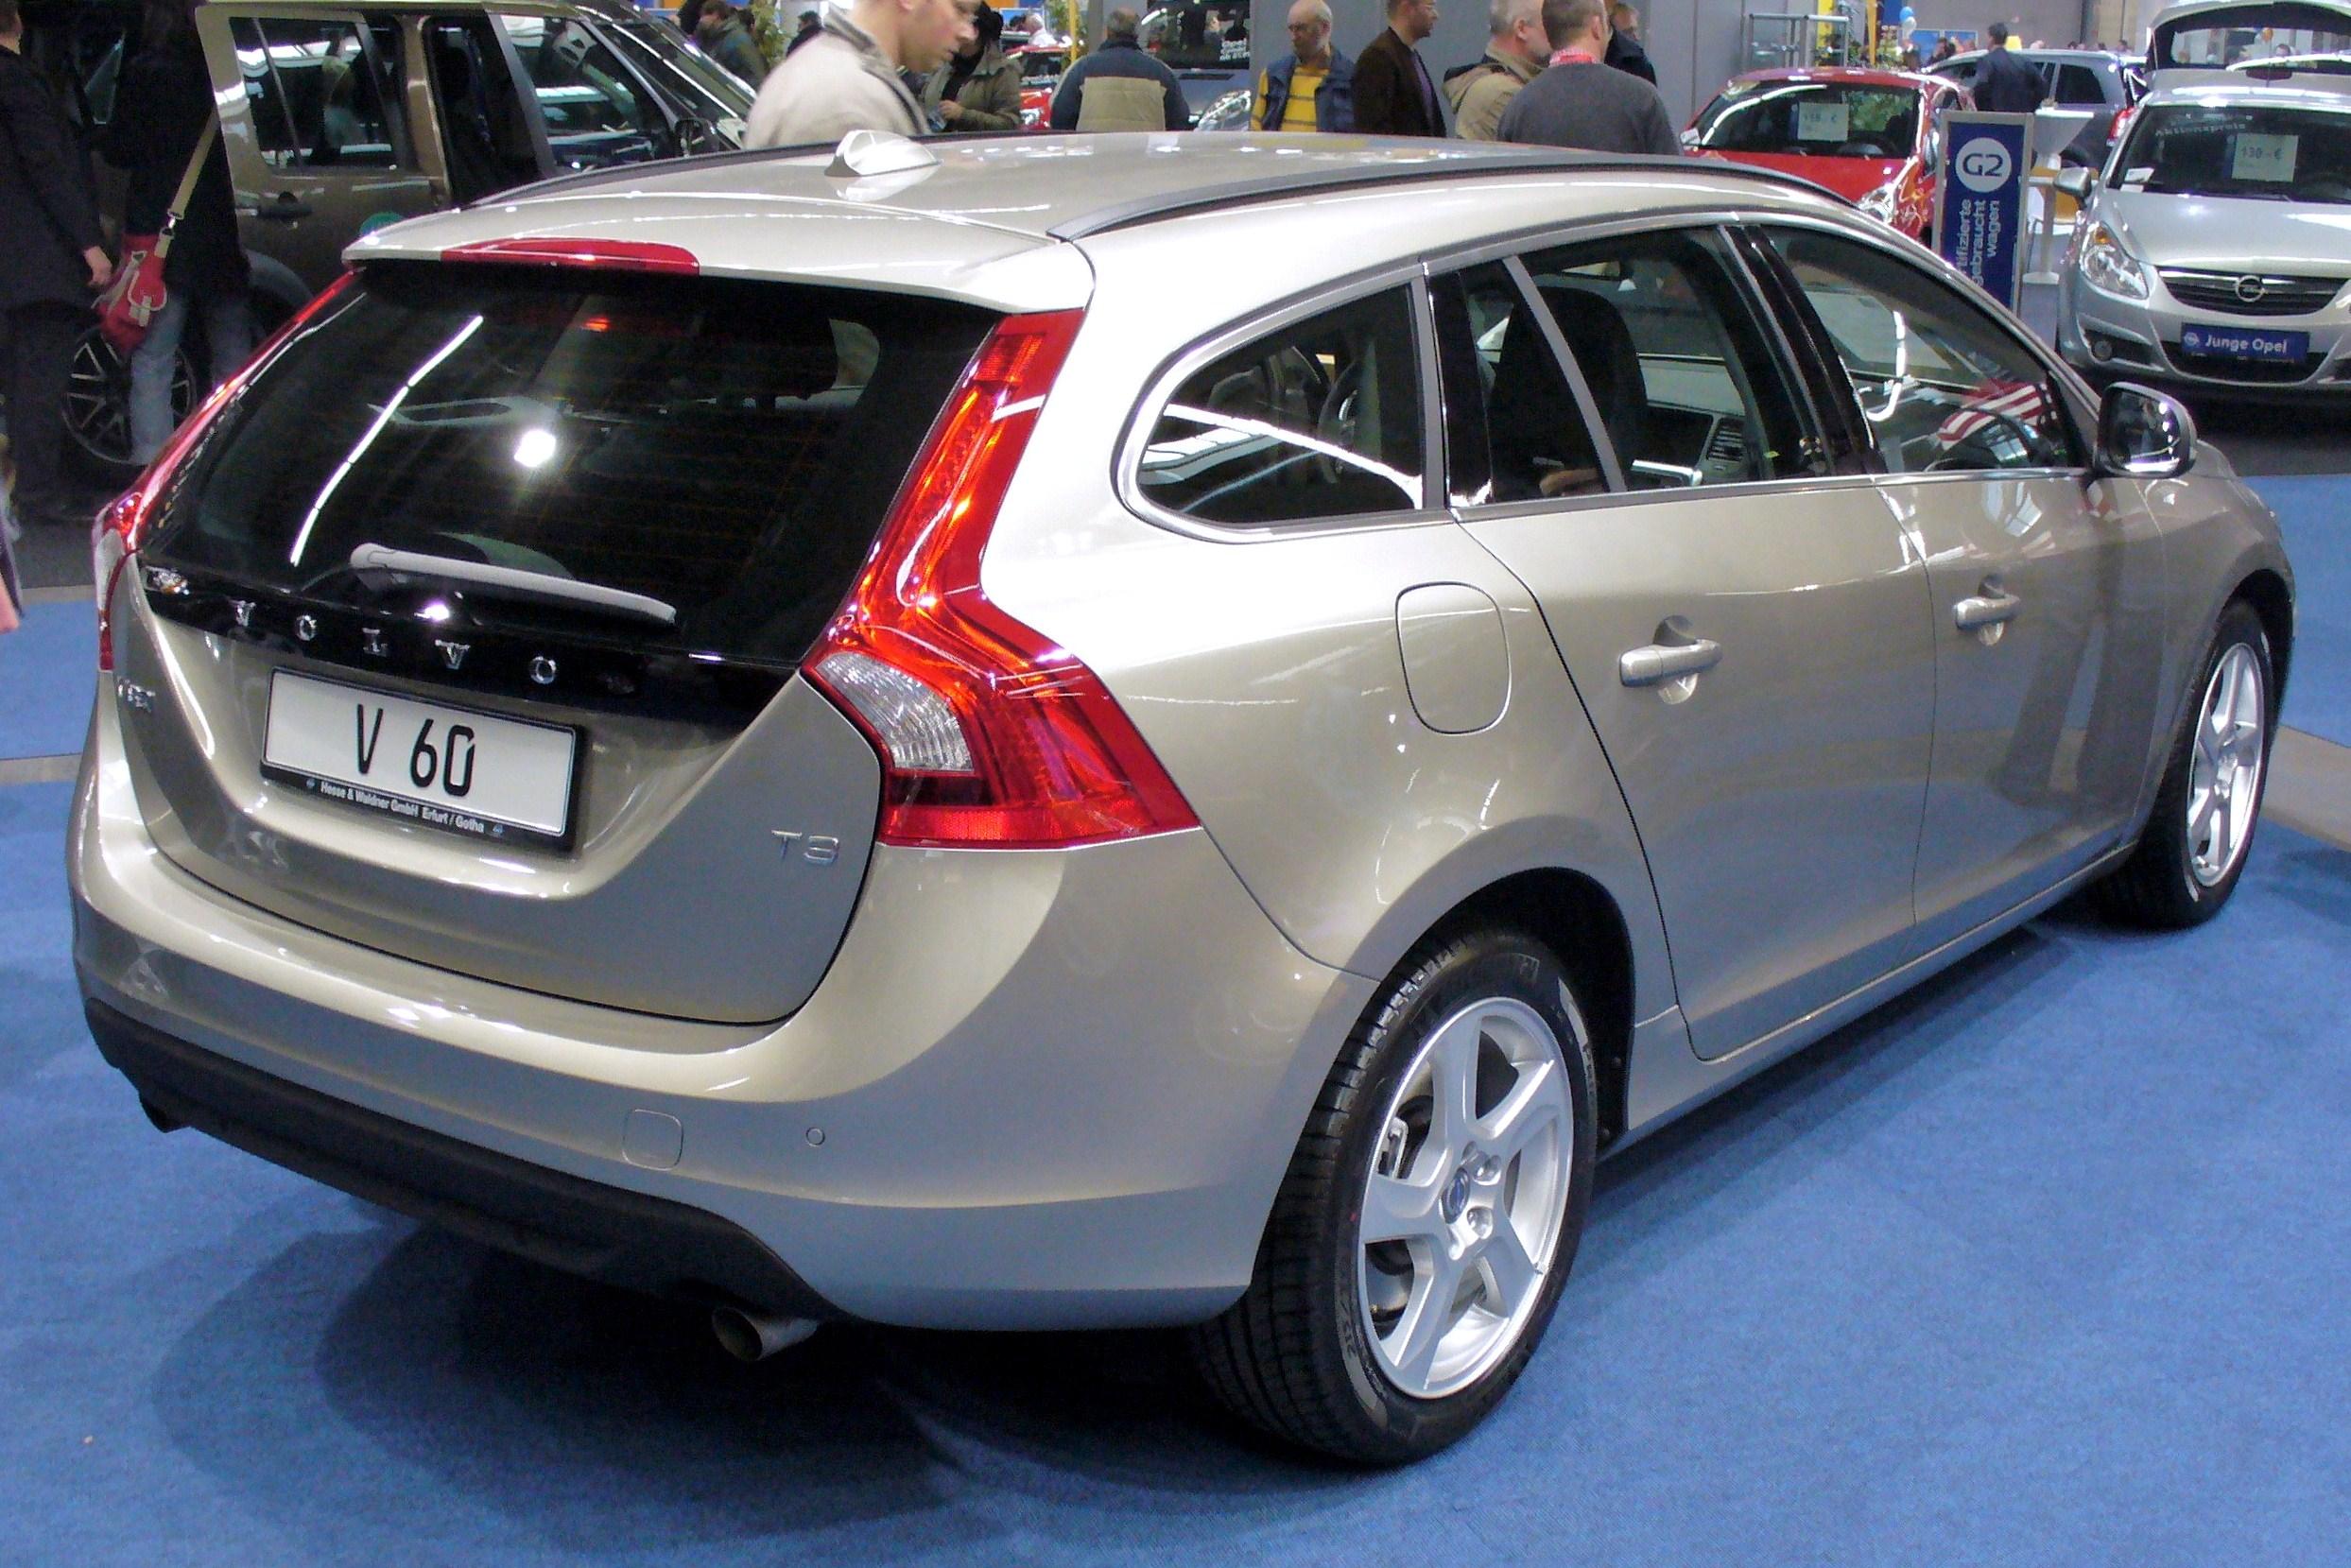 Tiedosto:Volvo V60 T3 Heck.JPG – Wikipedia